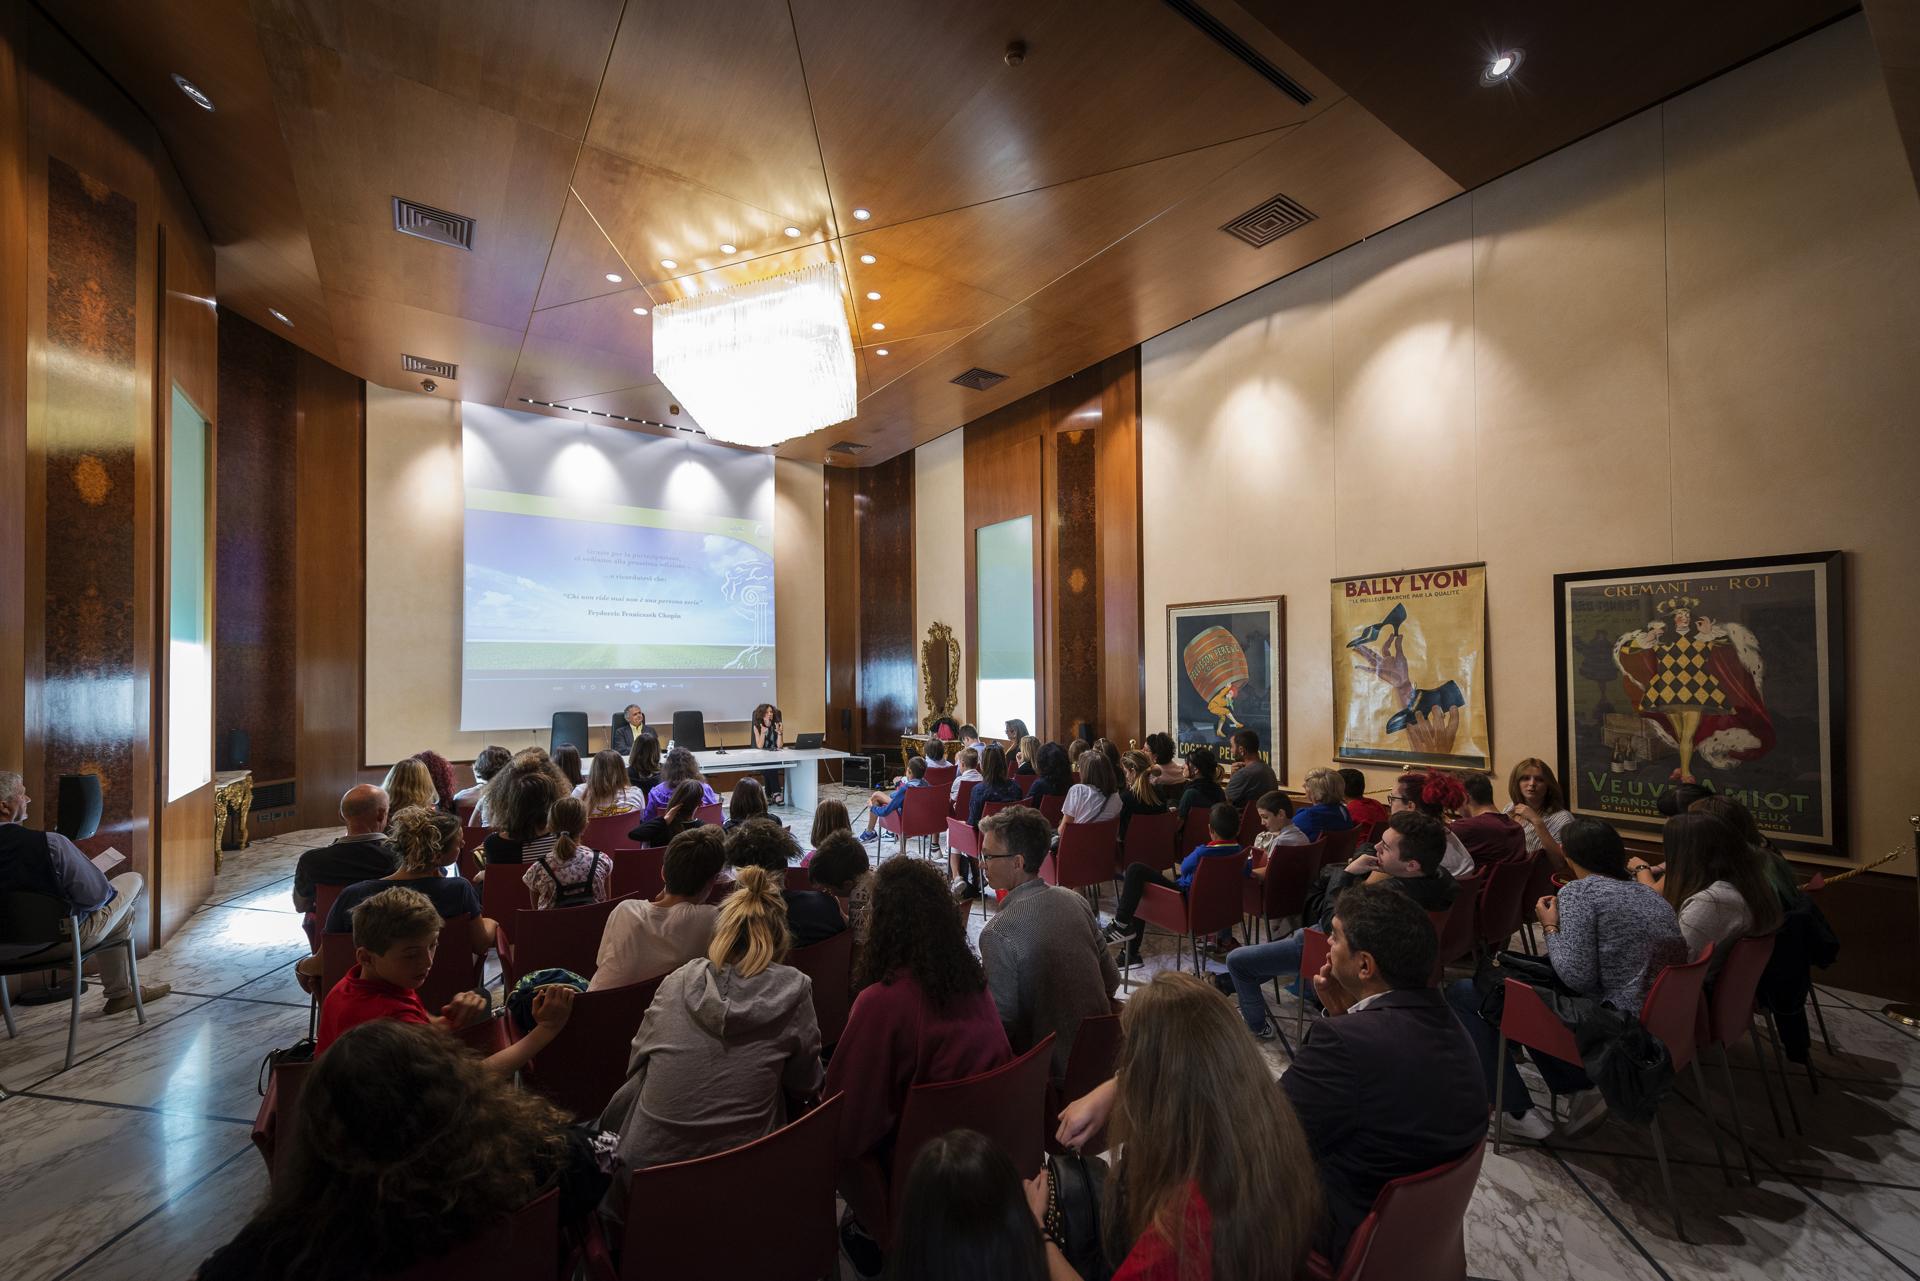 I video della  Settimana dei Beni Culturali e Ambientali  incontrano il Festival sull'Umorismo